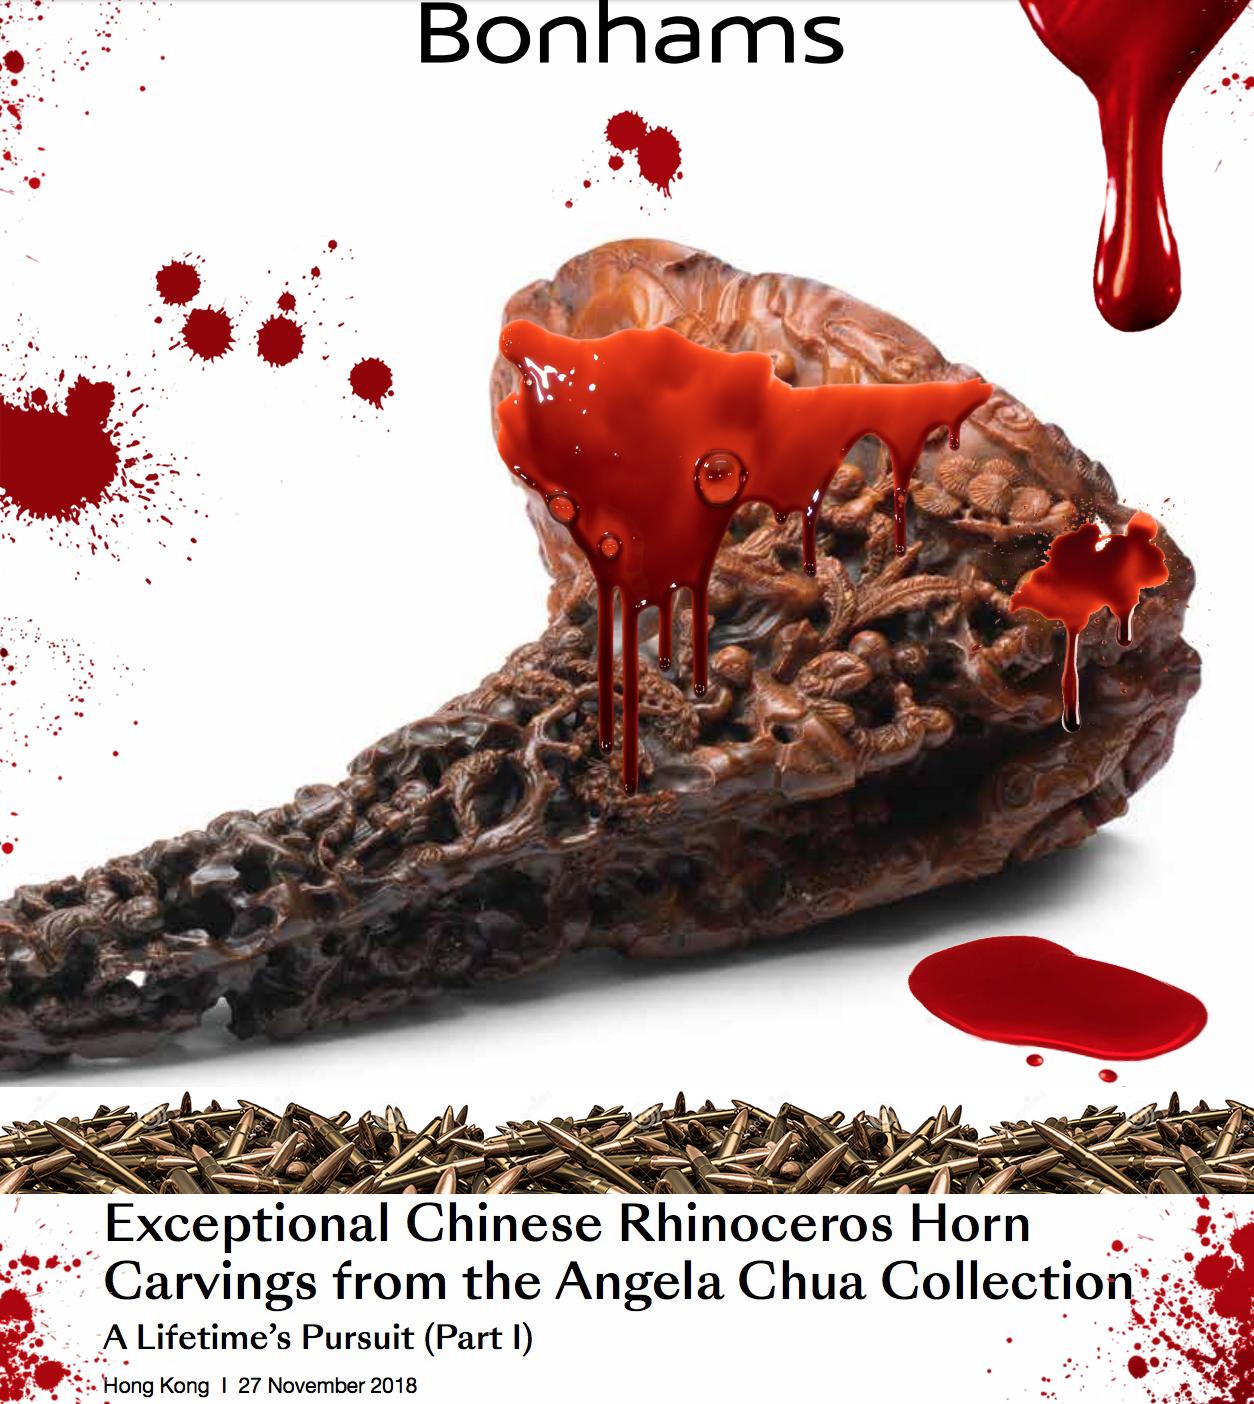 Bonhams STOPS all rhino horn sales!